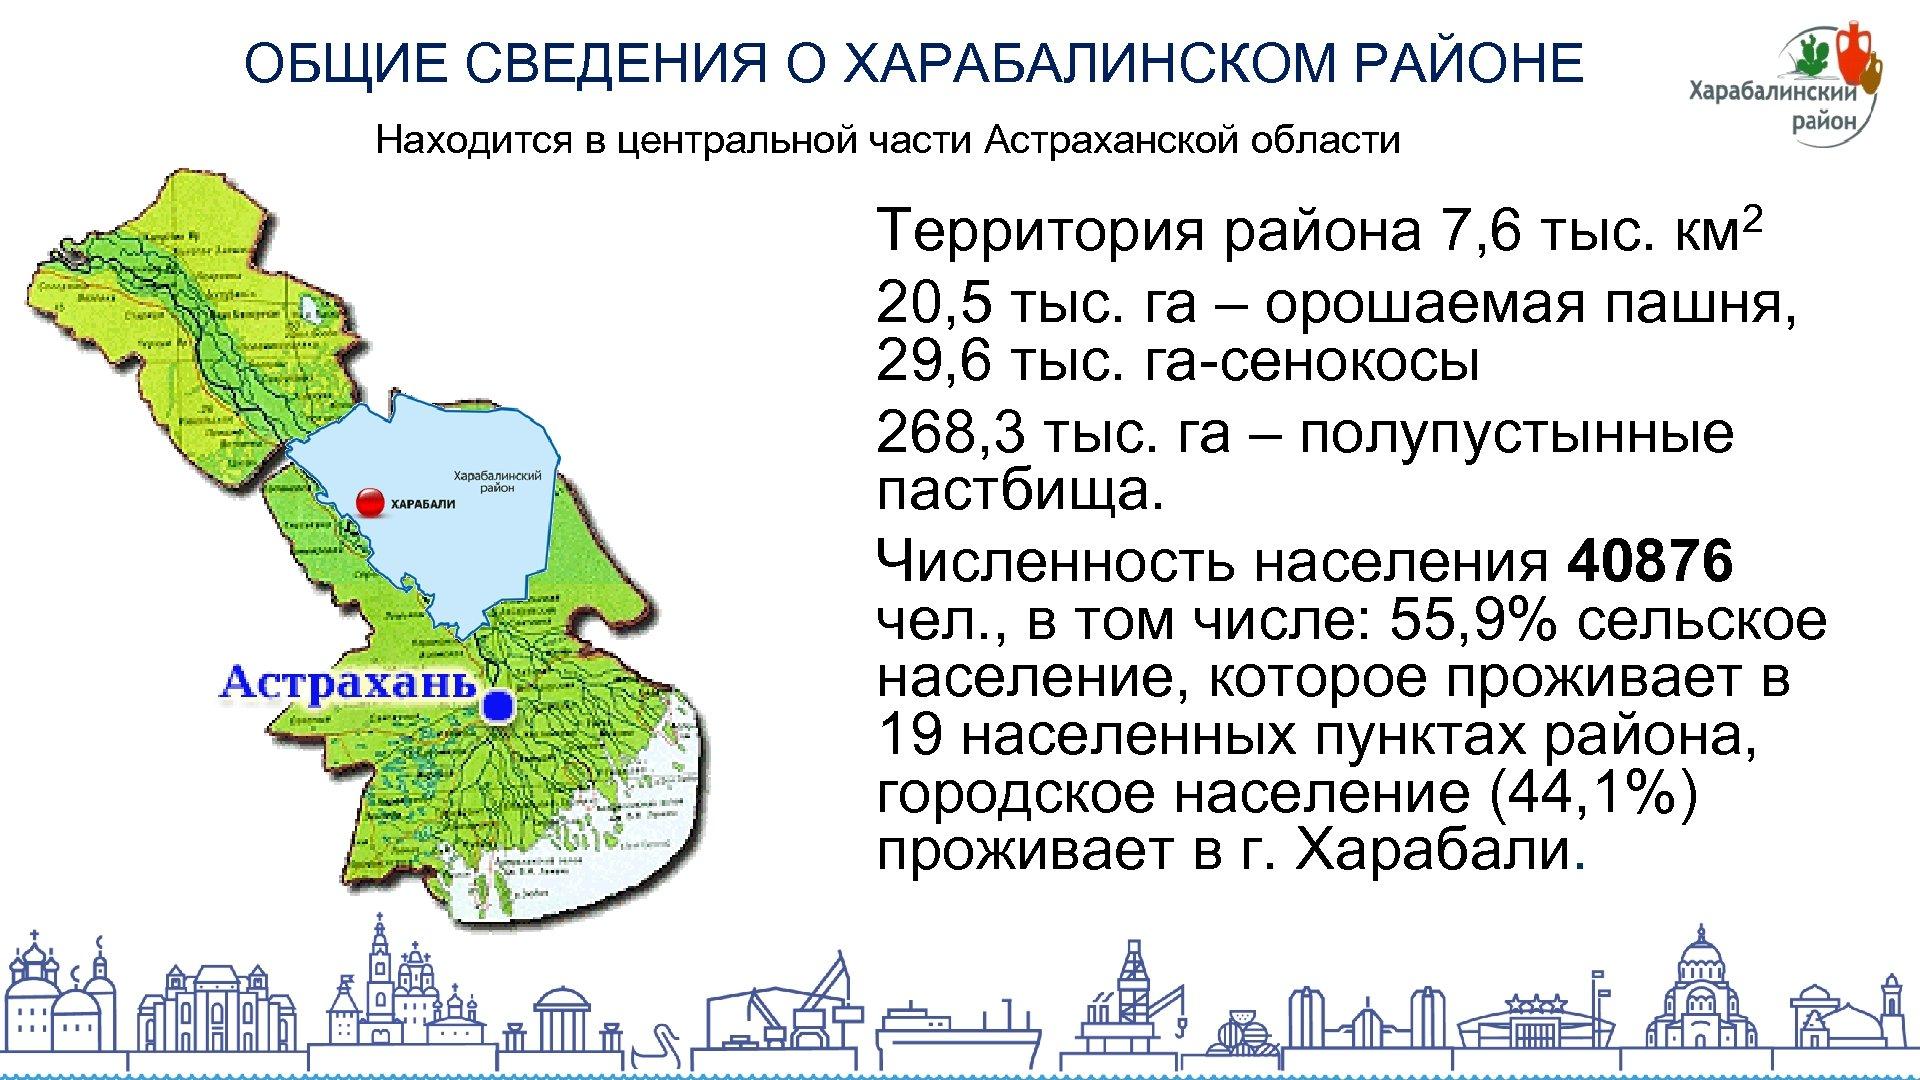 ОБЩИЕ СВЕДЕНИЯ О ХАРАБАЛИНСКОМ РАЙОНЕ Находится в центральной части Астраханской области 2 км Территория